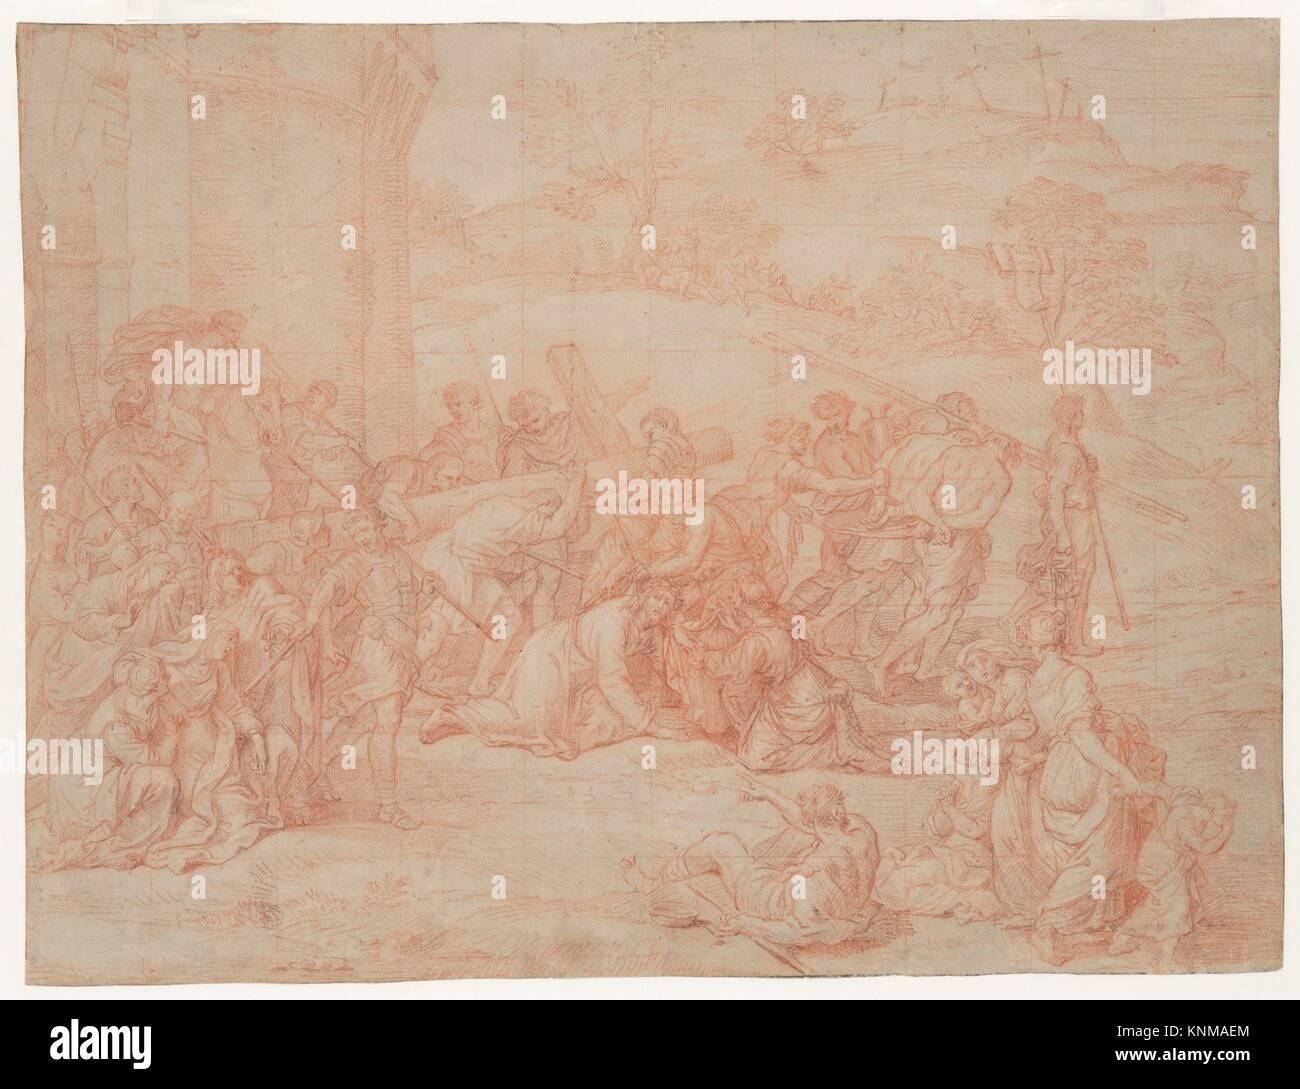 Framing Lines Imágenes De Stock & Framing Lines Fotos De Stock - Alamy